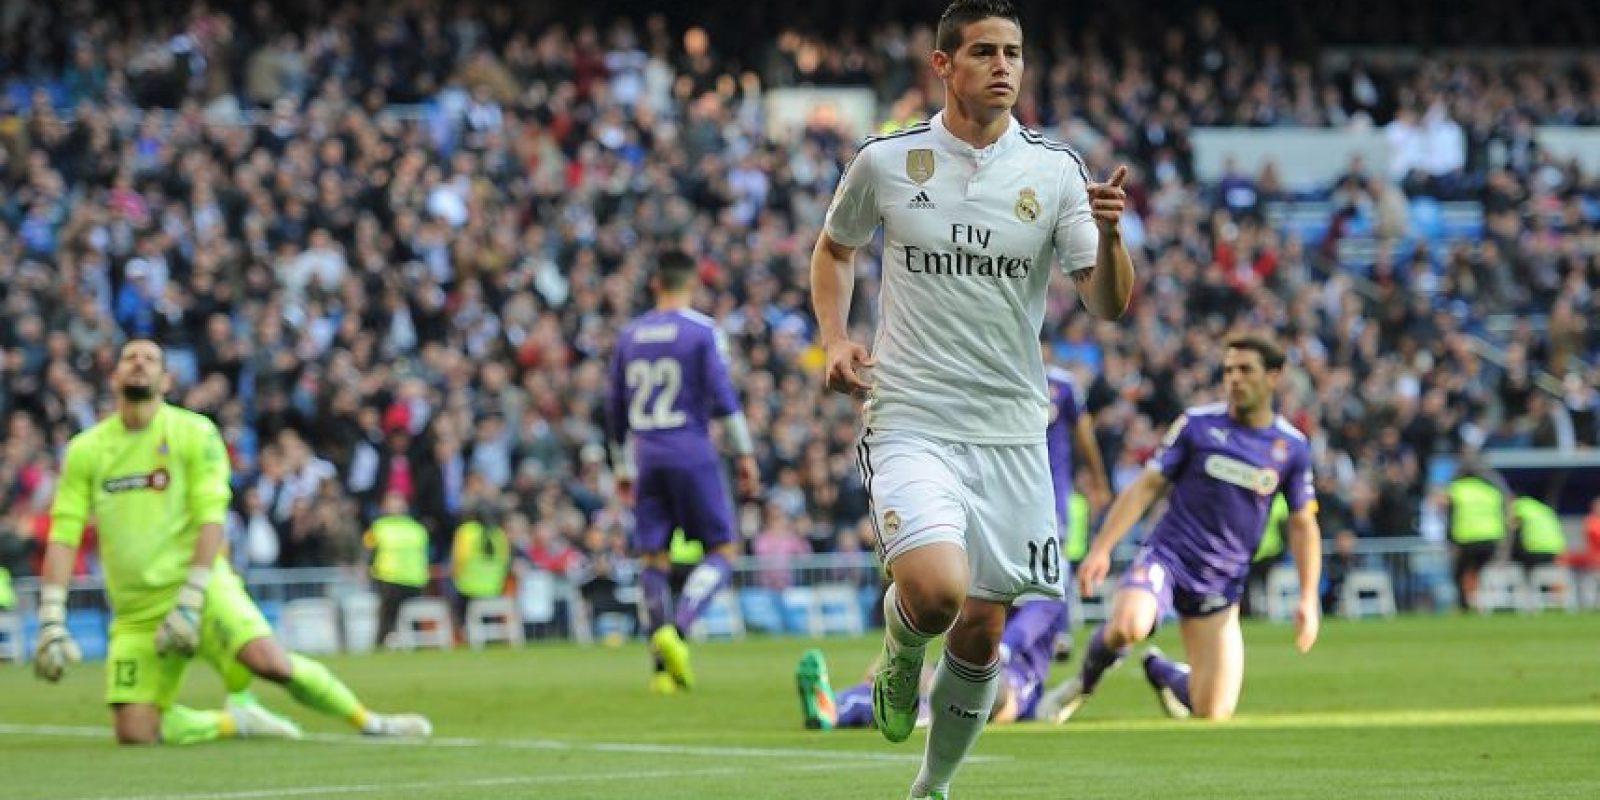 Santiago Bernabéu del Real Madrid: Desde 1955 se decidió que el recinto del Real Madrid llevaría el nombre del presidente del club y artífice del estadio Foto:Getty